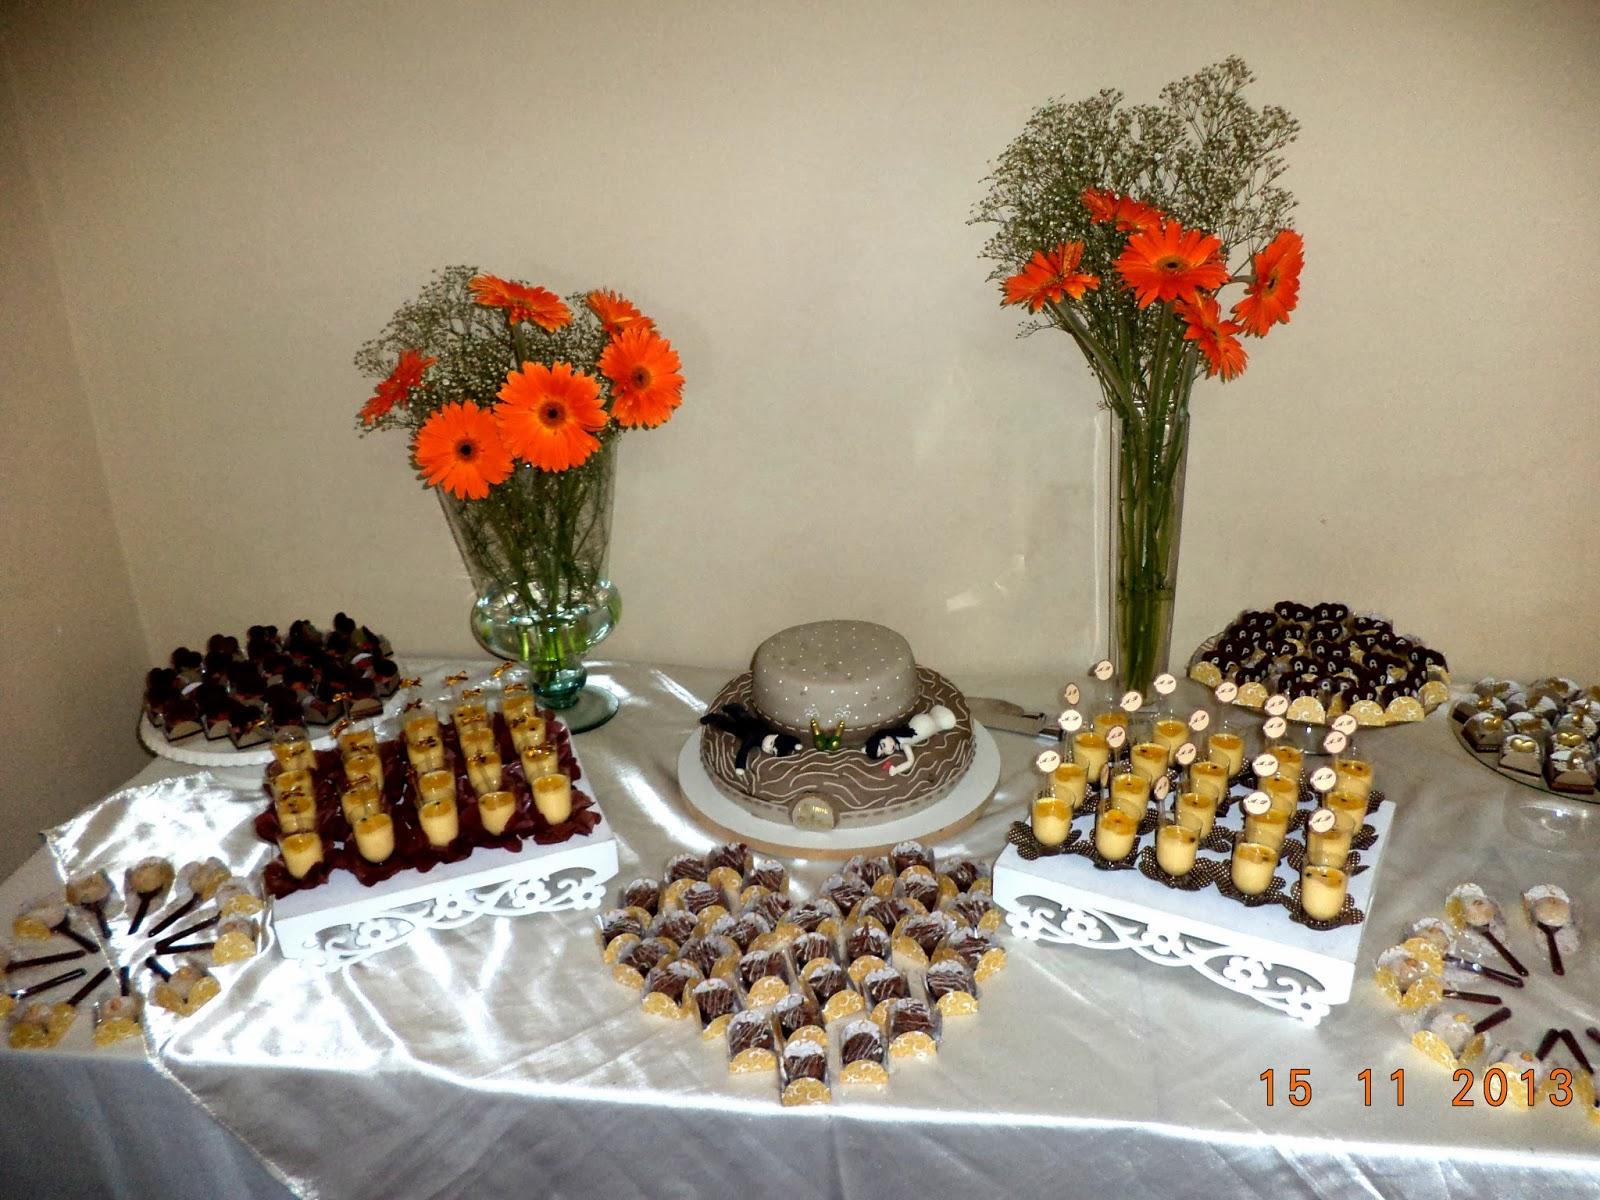 Preparei uma mesa bem gostosa com bolo(com direito a noivinho e tudo  #C73204 1600x1200